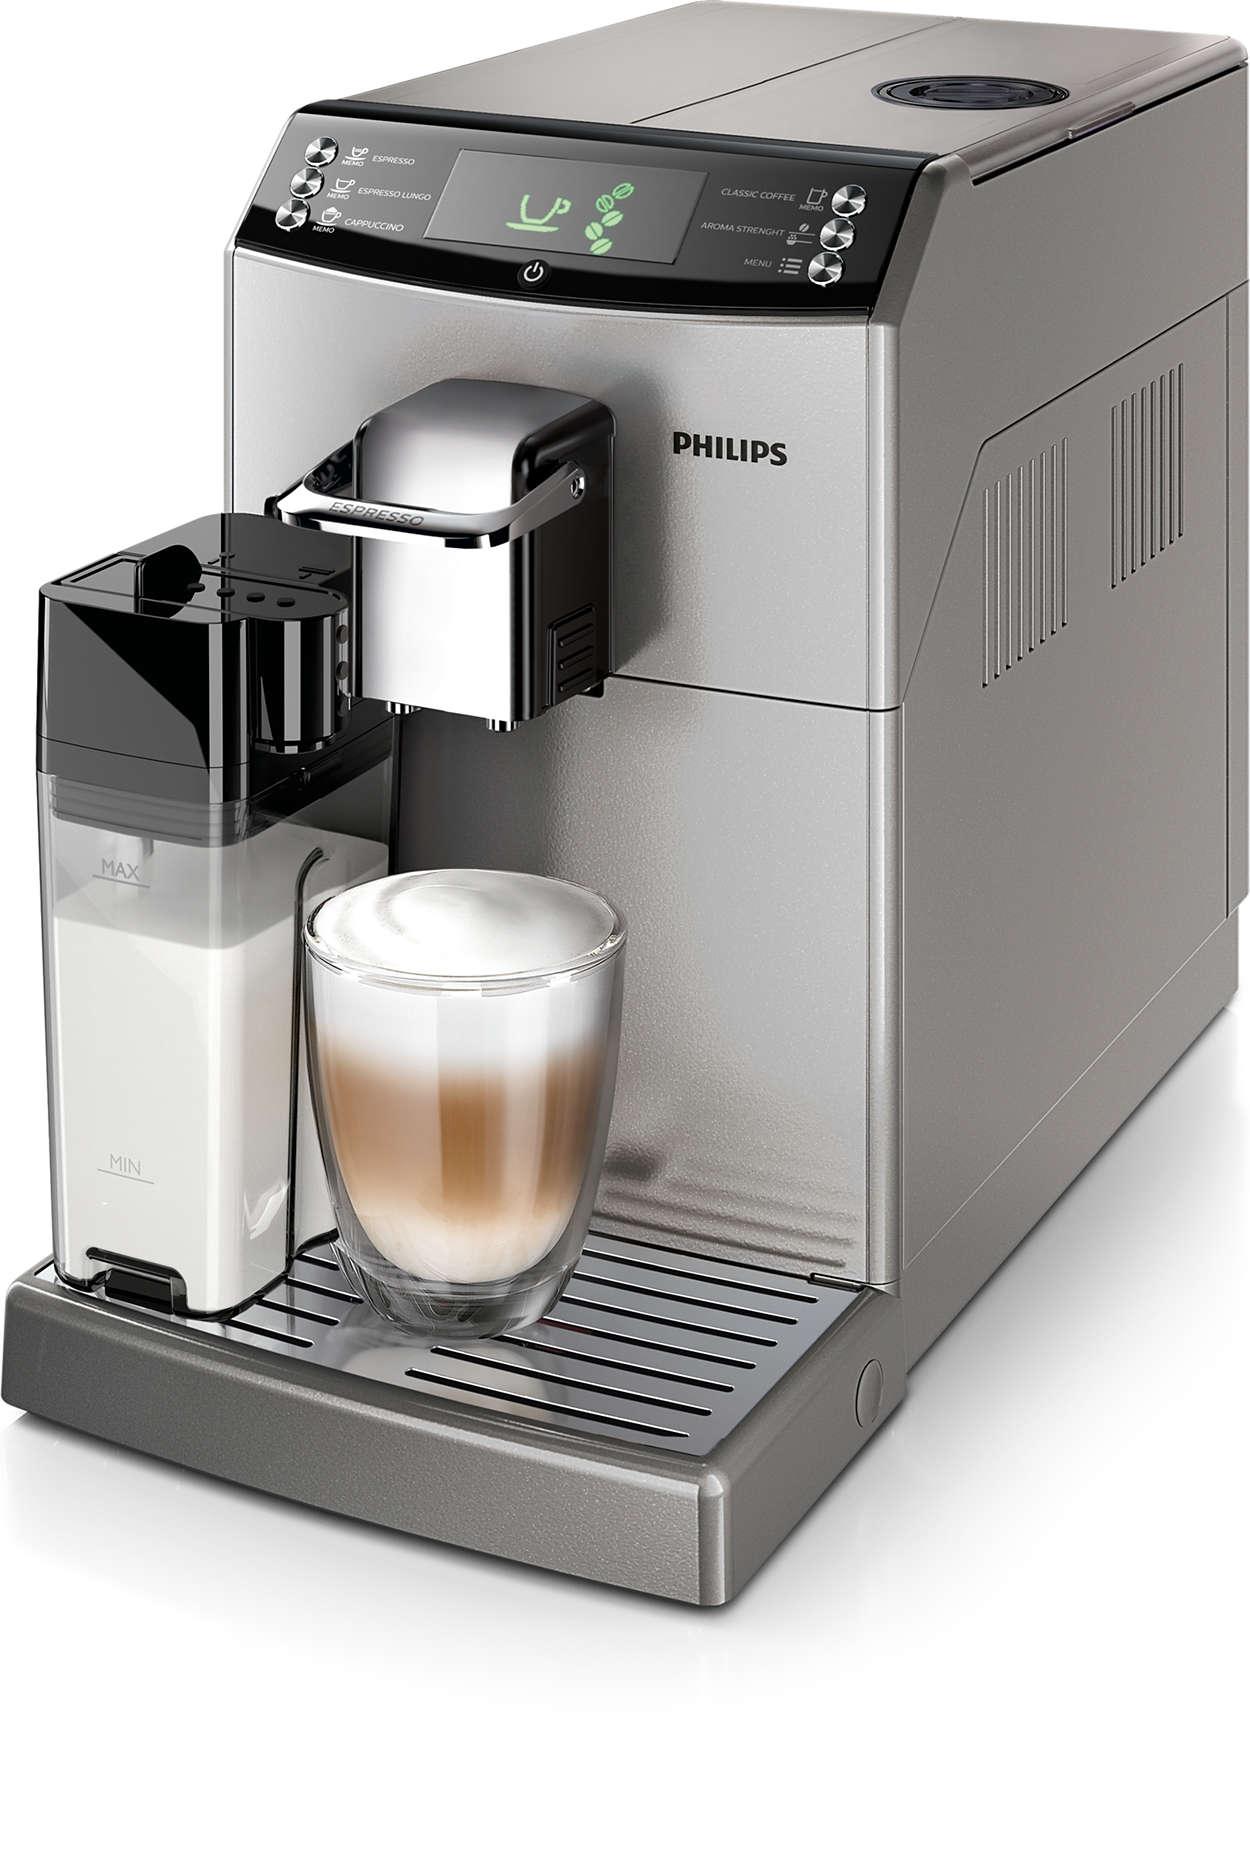 간편하게 즐기는 훌륭한 에스프레소와 드립 커피